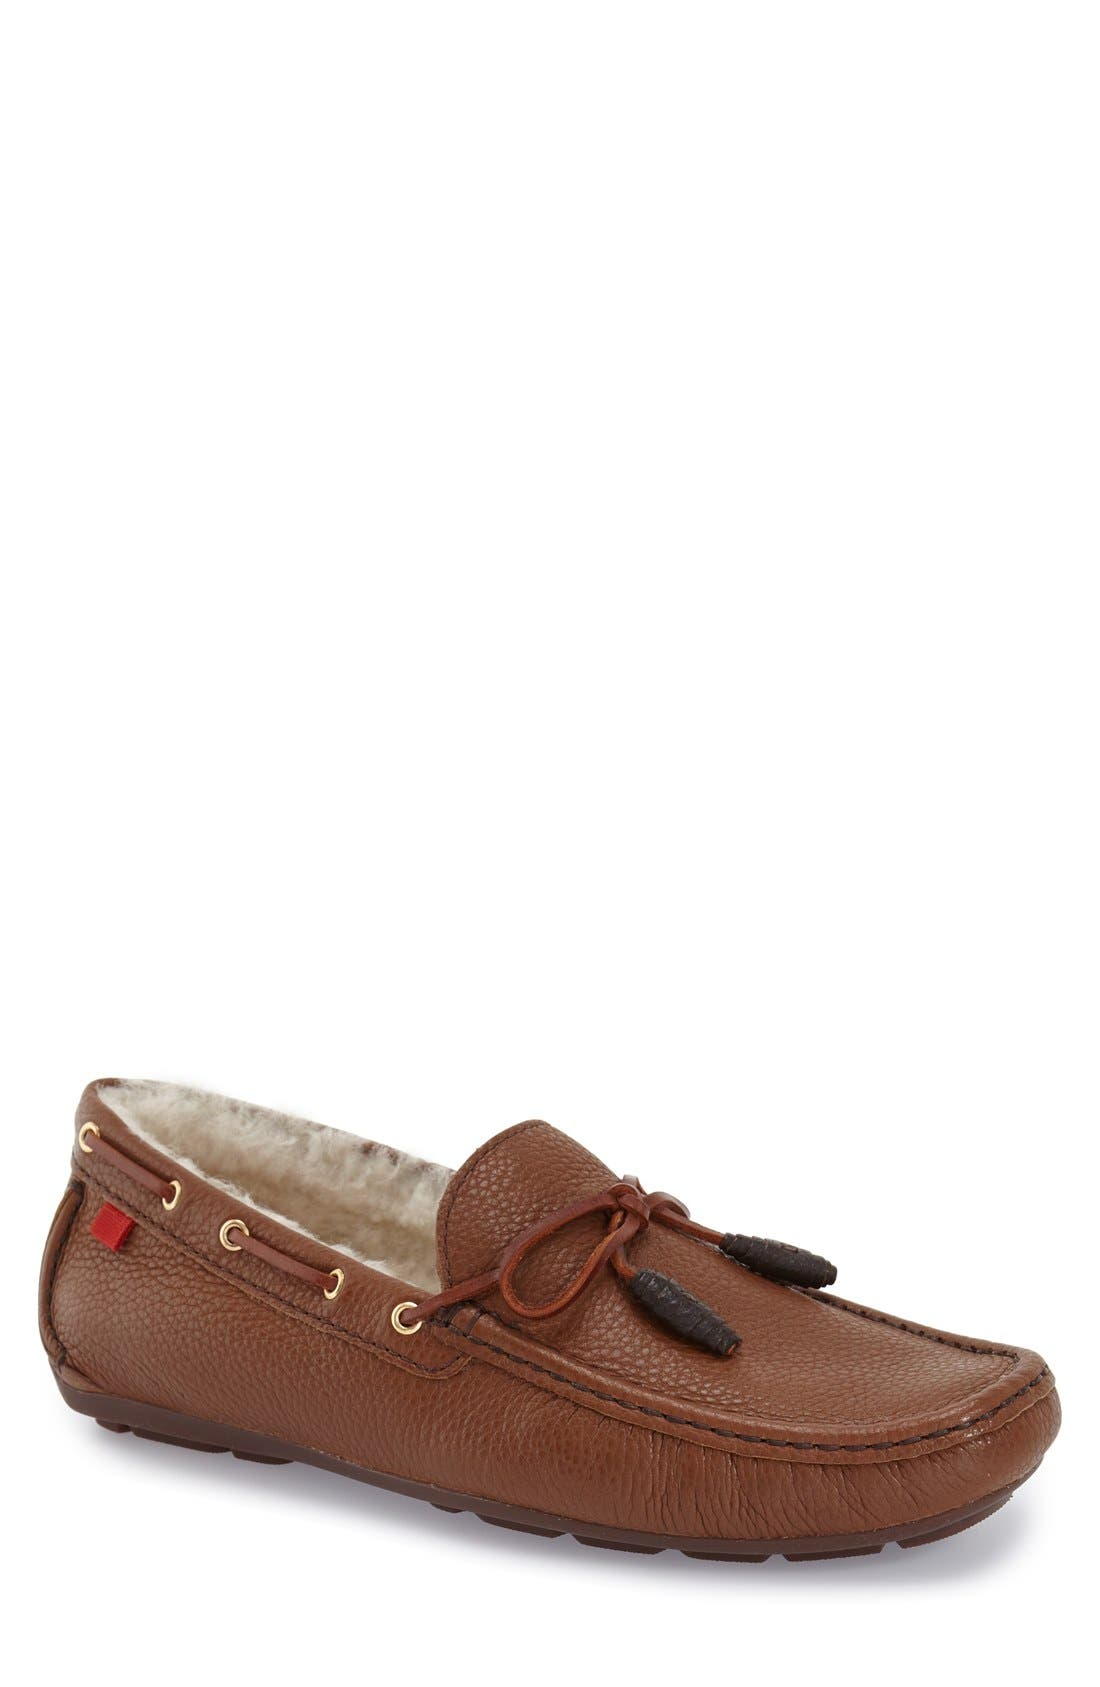 Marc Joseph New York 'Rockefeller' Genuine Shearling Lined Driving Shoe (Men)